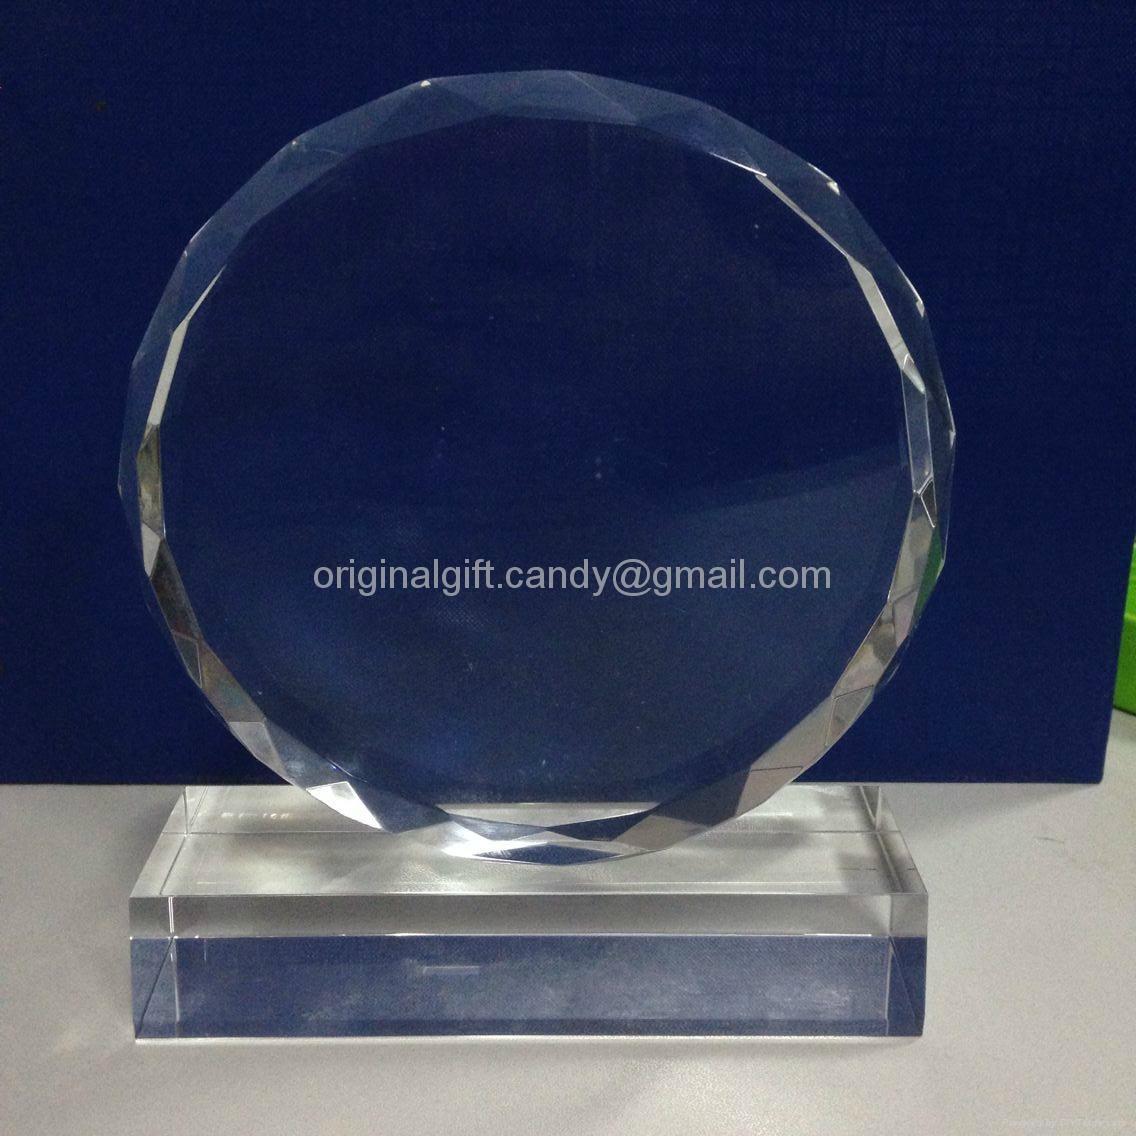 水晶獎牌,水晶獎座,現貨水晶獎牌,crystal trophy,crystal paper weight 1